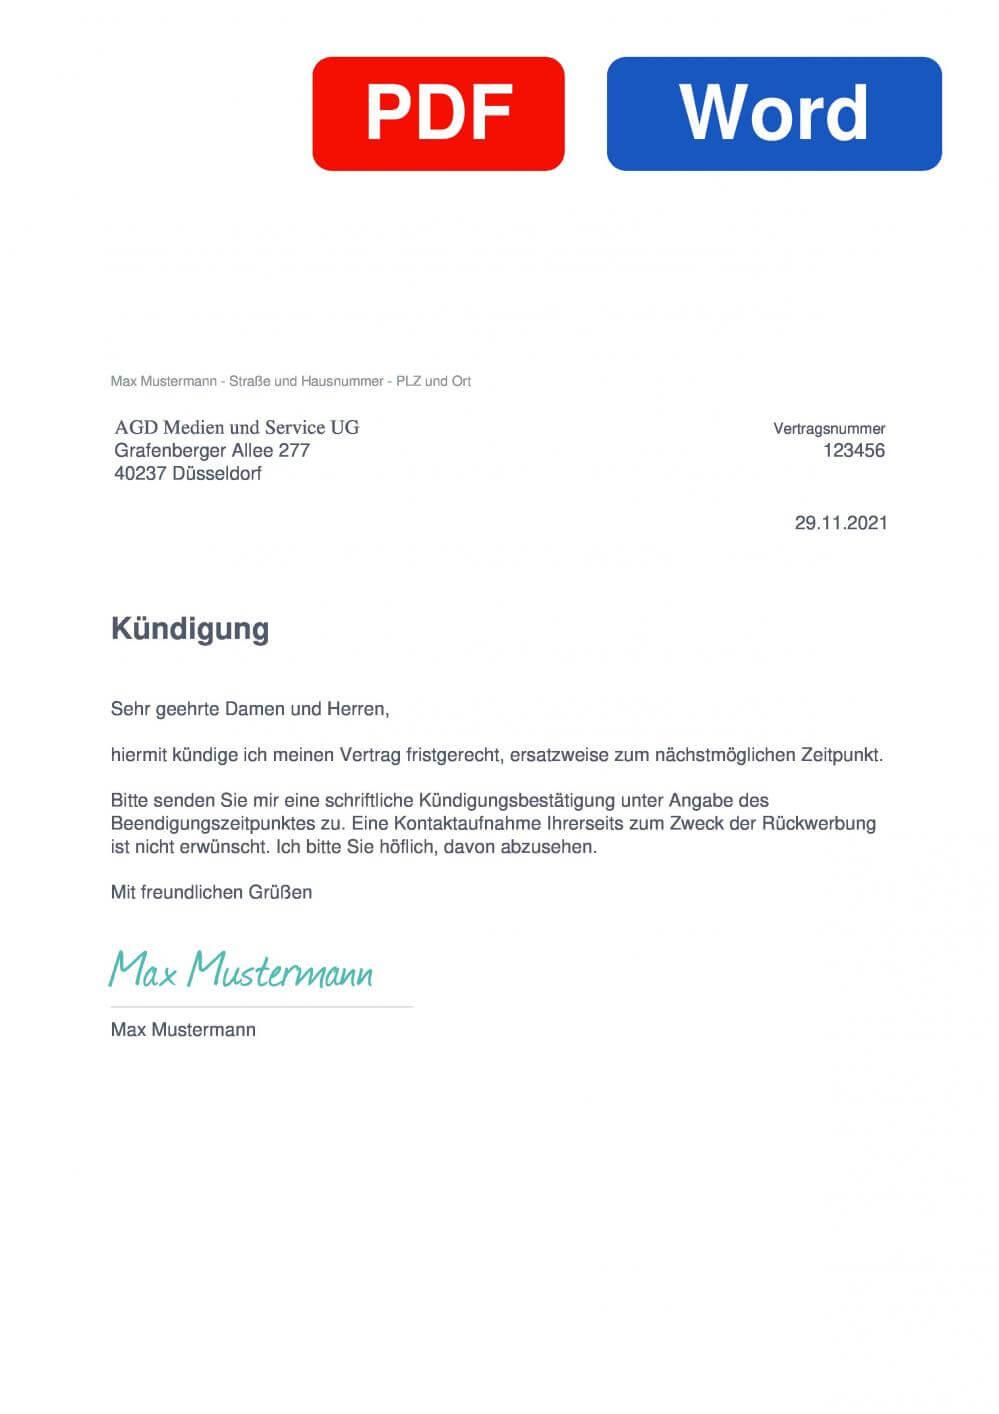 AGD Medien und Service ug Muster Vorlage für Kündigungsschreiben